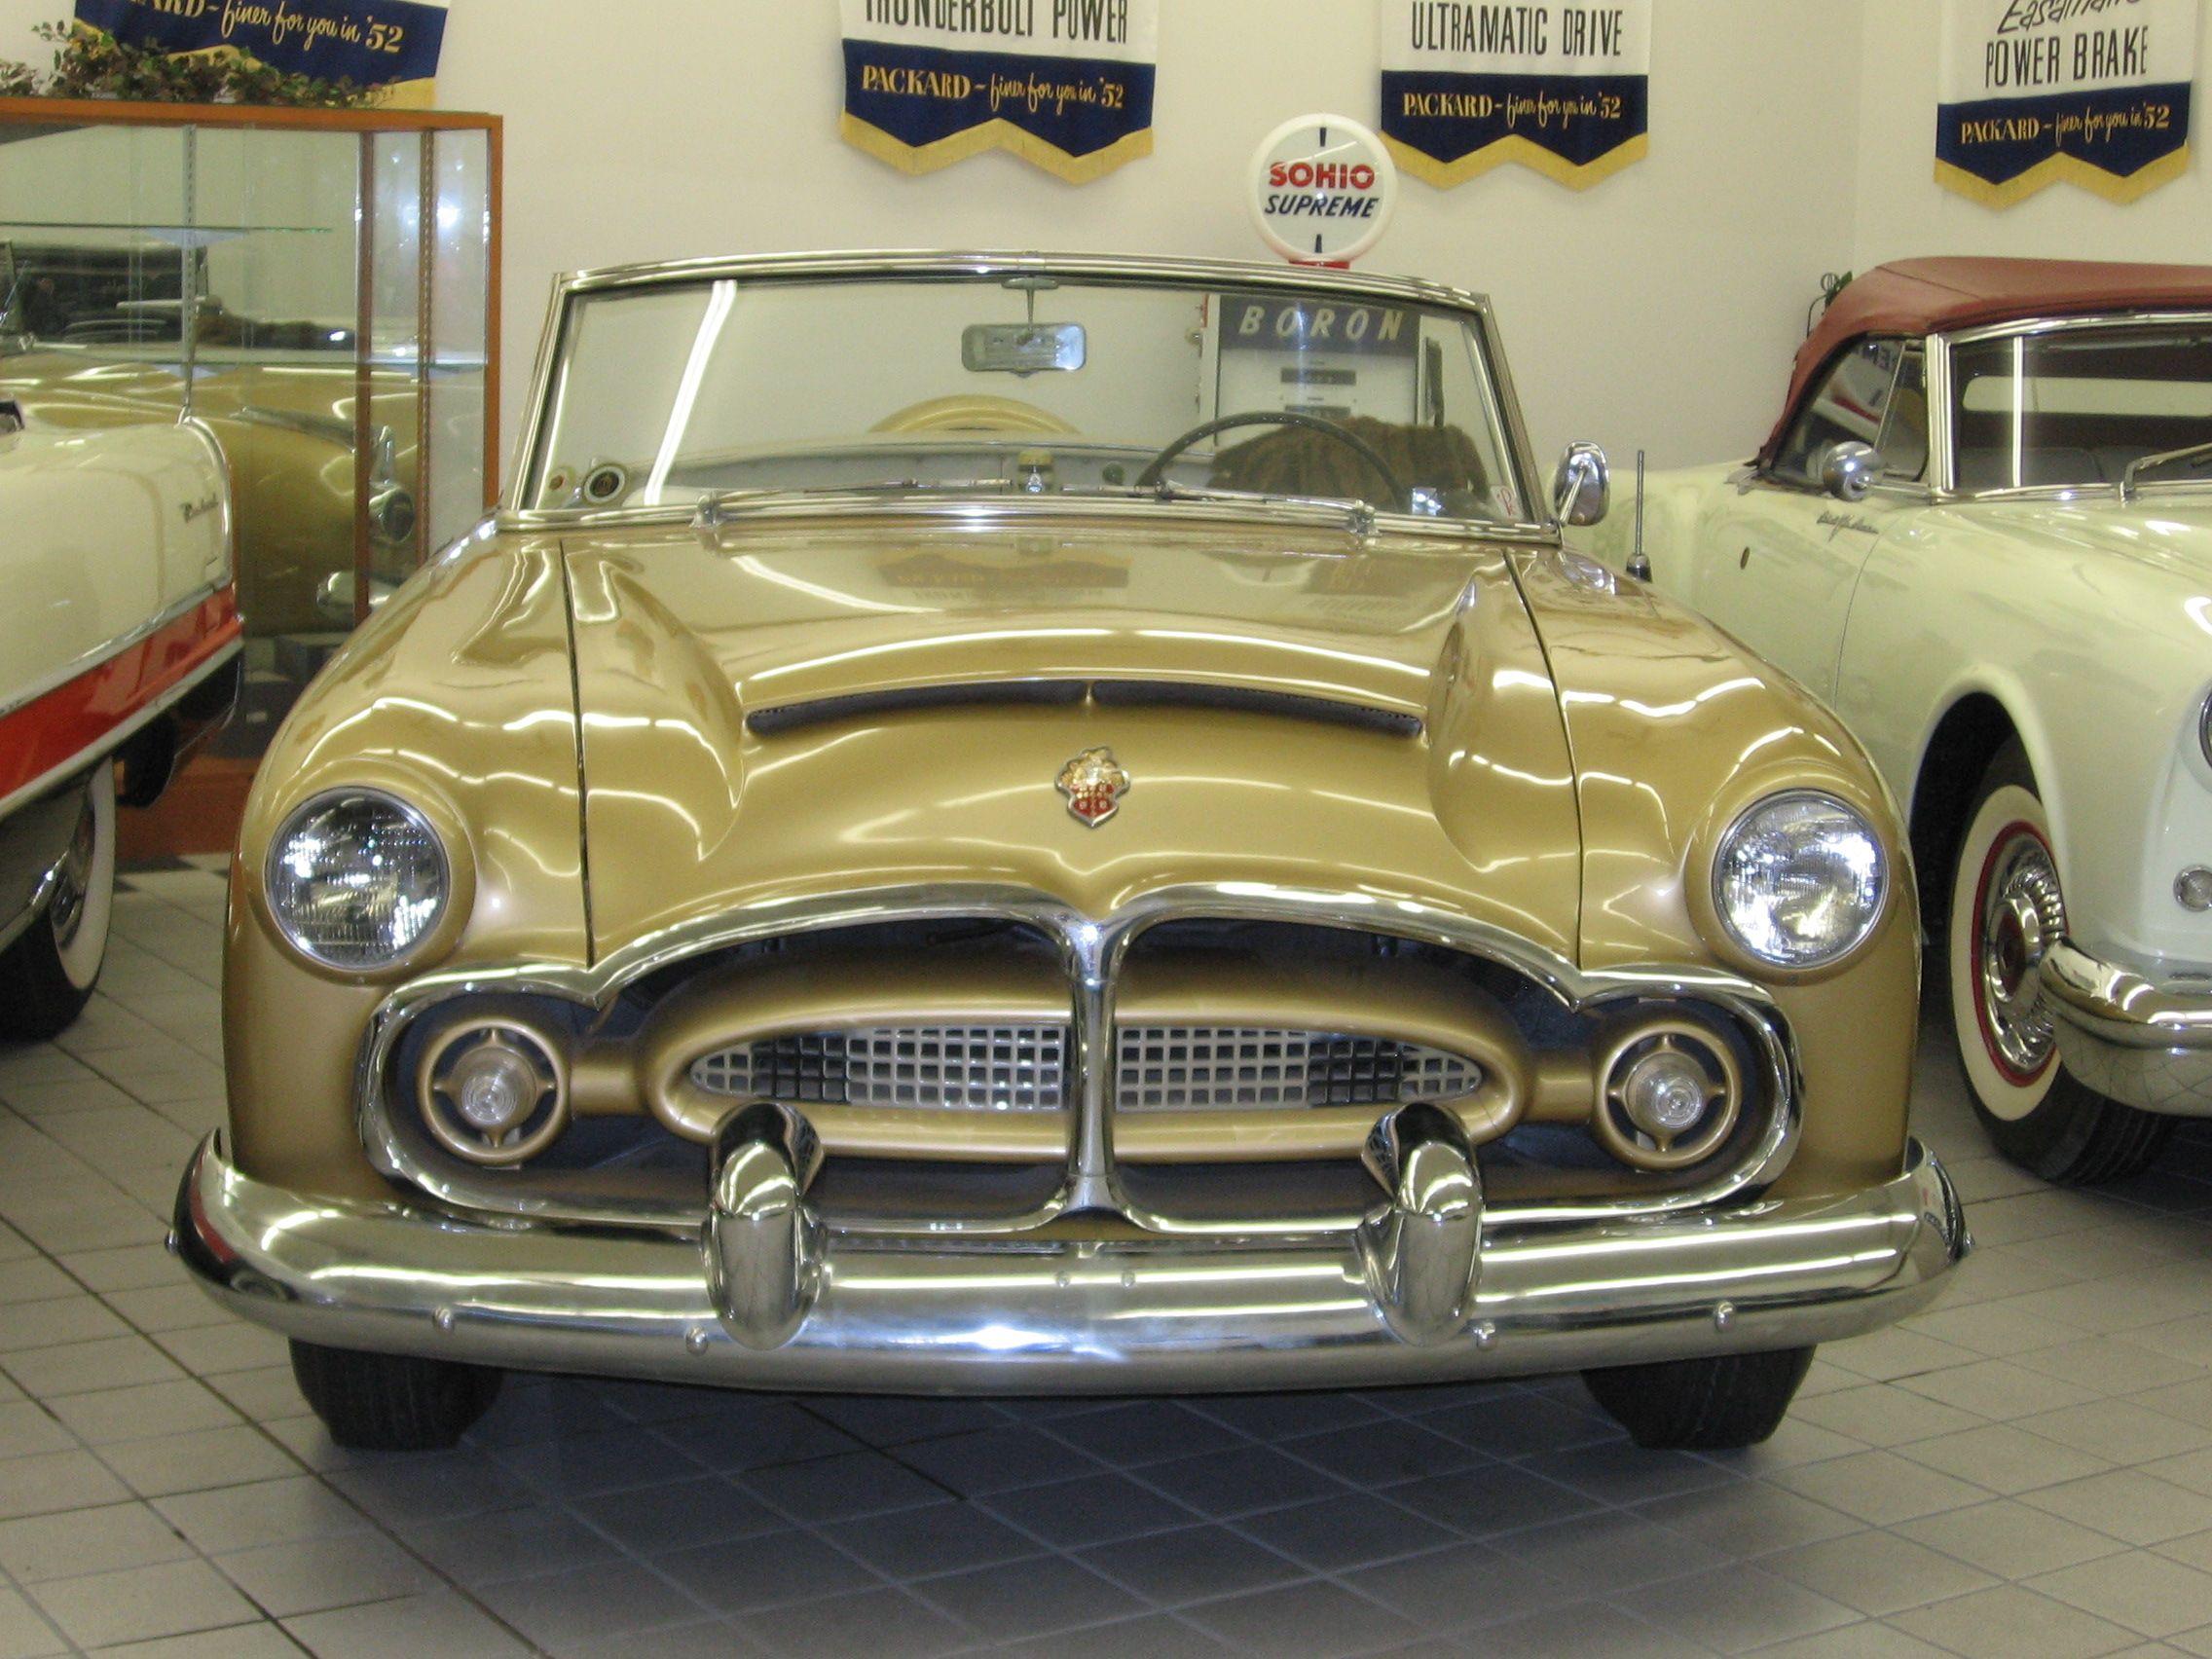 Packard Museum, Warren, Ohio   Classic Car Museums   Pinterest ...